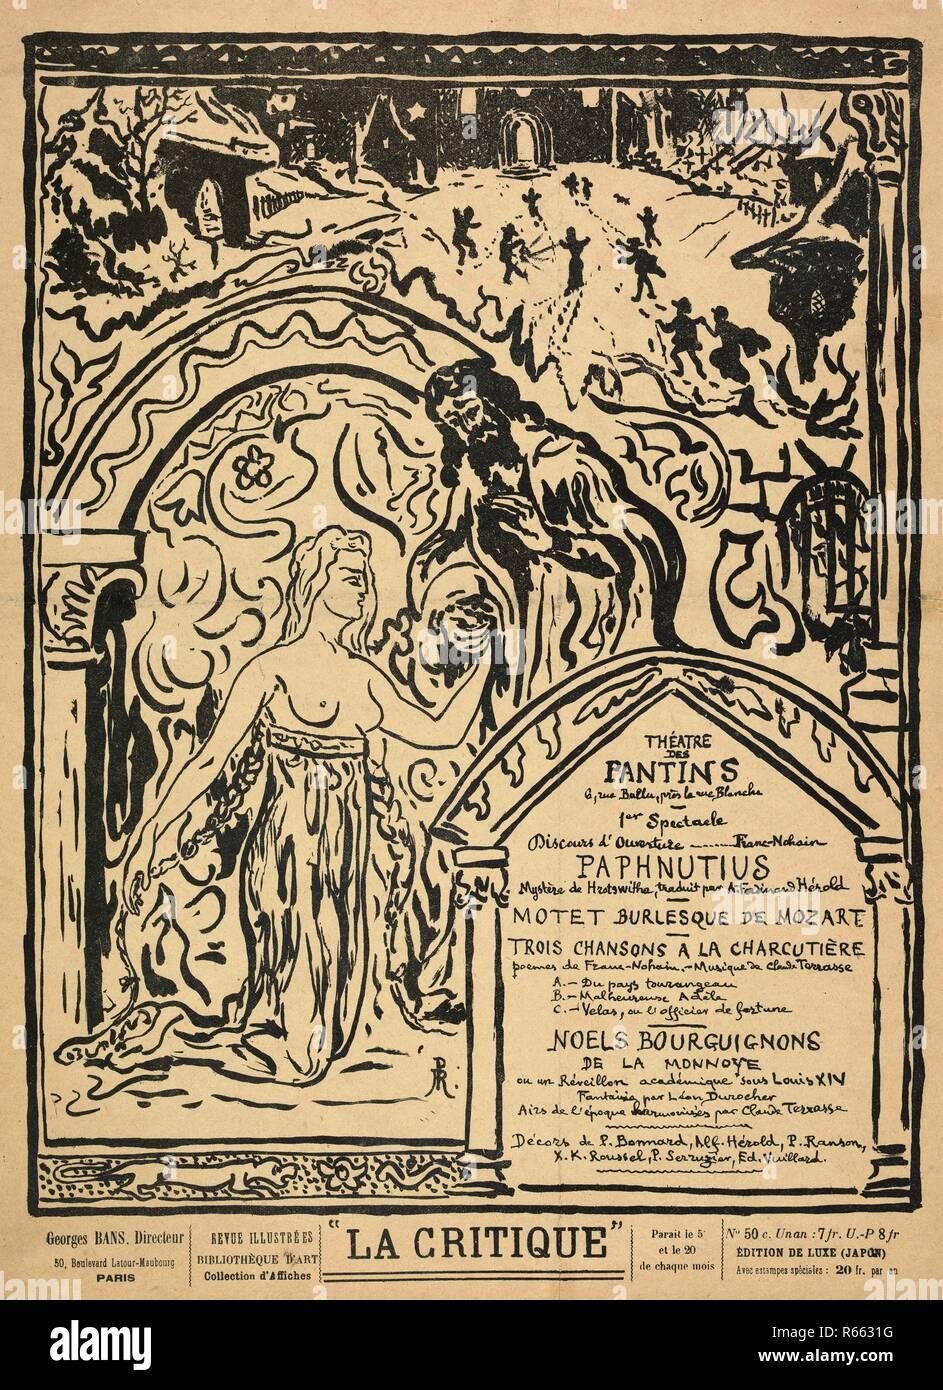 Theatre programme for Paphnutius by Hrotswitha (Théâtre des Pantins, 27 December 1897). Dimensions: 34.5 cm x 25.8 cm, 31.1 cm x 23.4 cm. Museum: Van Gogh Museum, Amsterdam. Author: Ranson, Paul Elie. - Stock Image